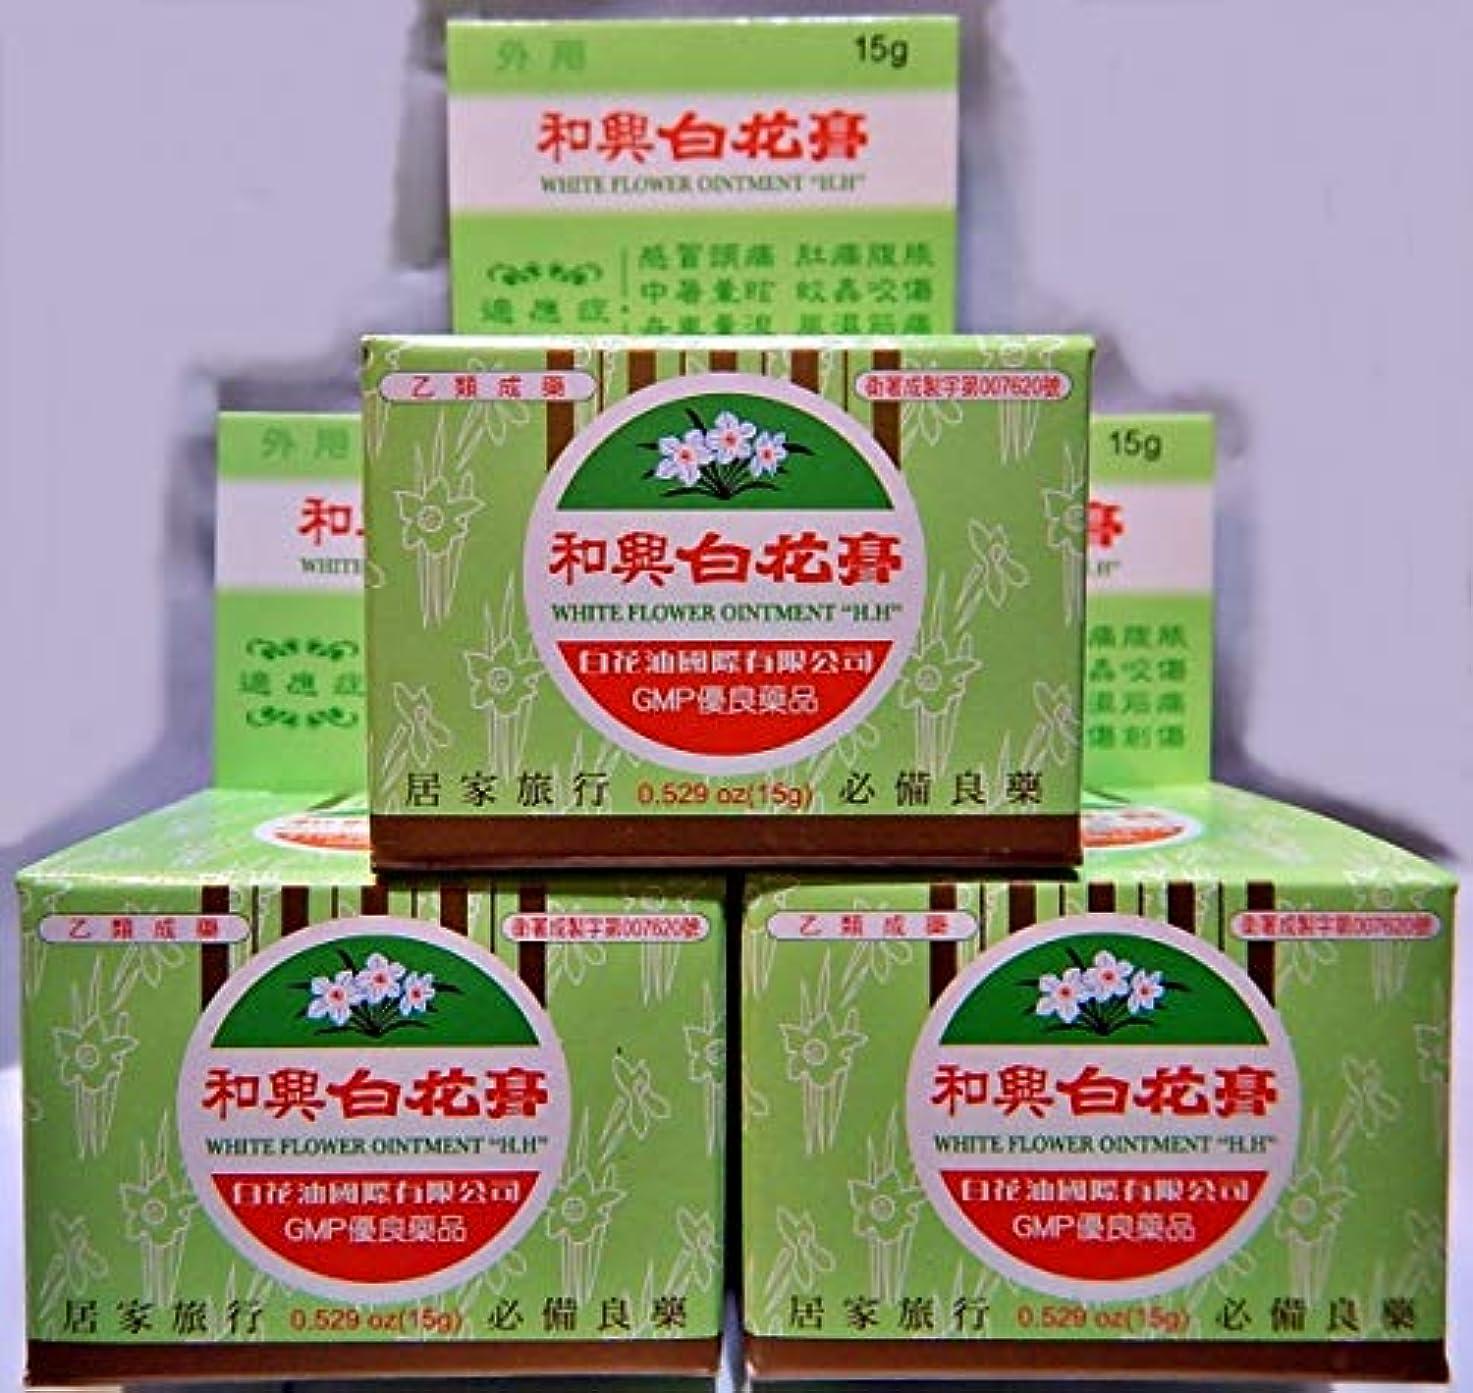 簡単なスムーズにメンテナンス《和興》白花膏 15g(白花油軟膏タイプ)× 3個《台湾 お土産》 [並行輸入品]